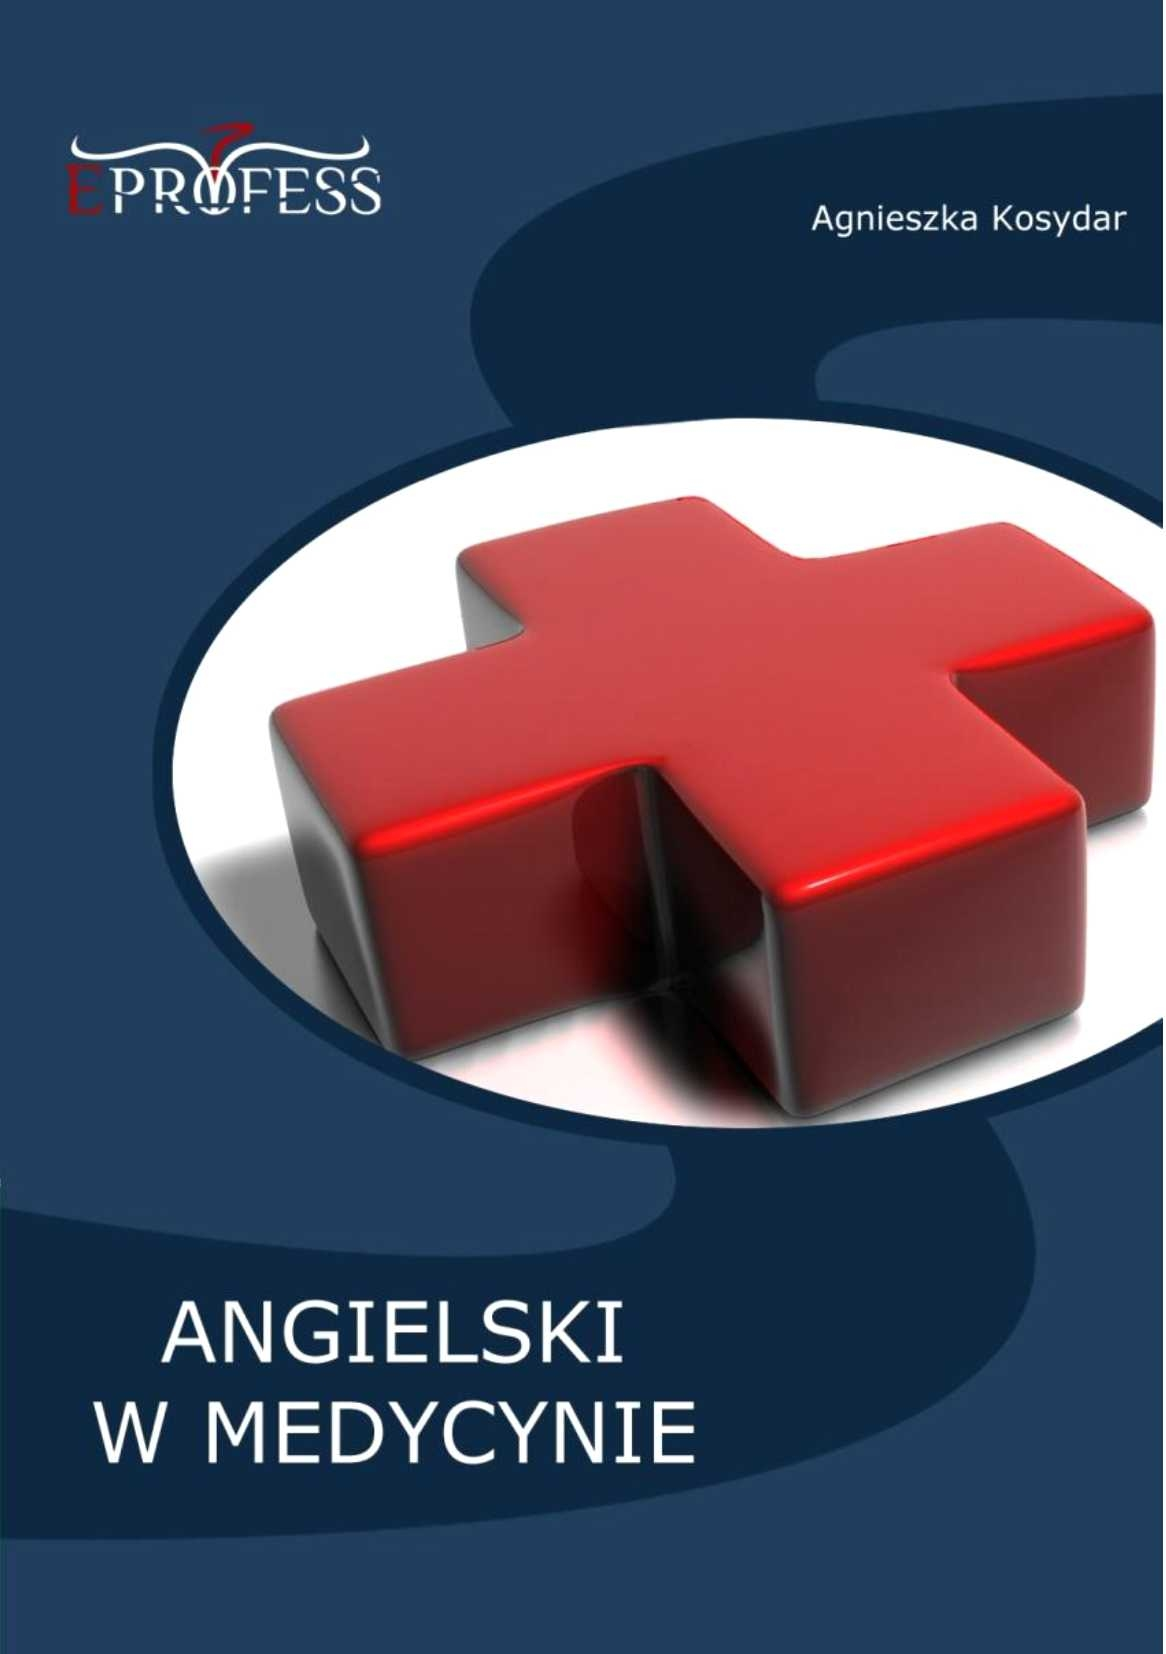 Angielski w Medycynie - Ebook (Książka na Kindle) do pobrania w formacie MOBI